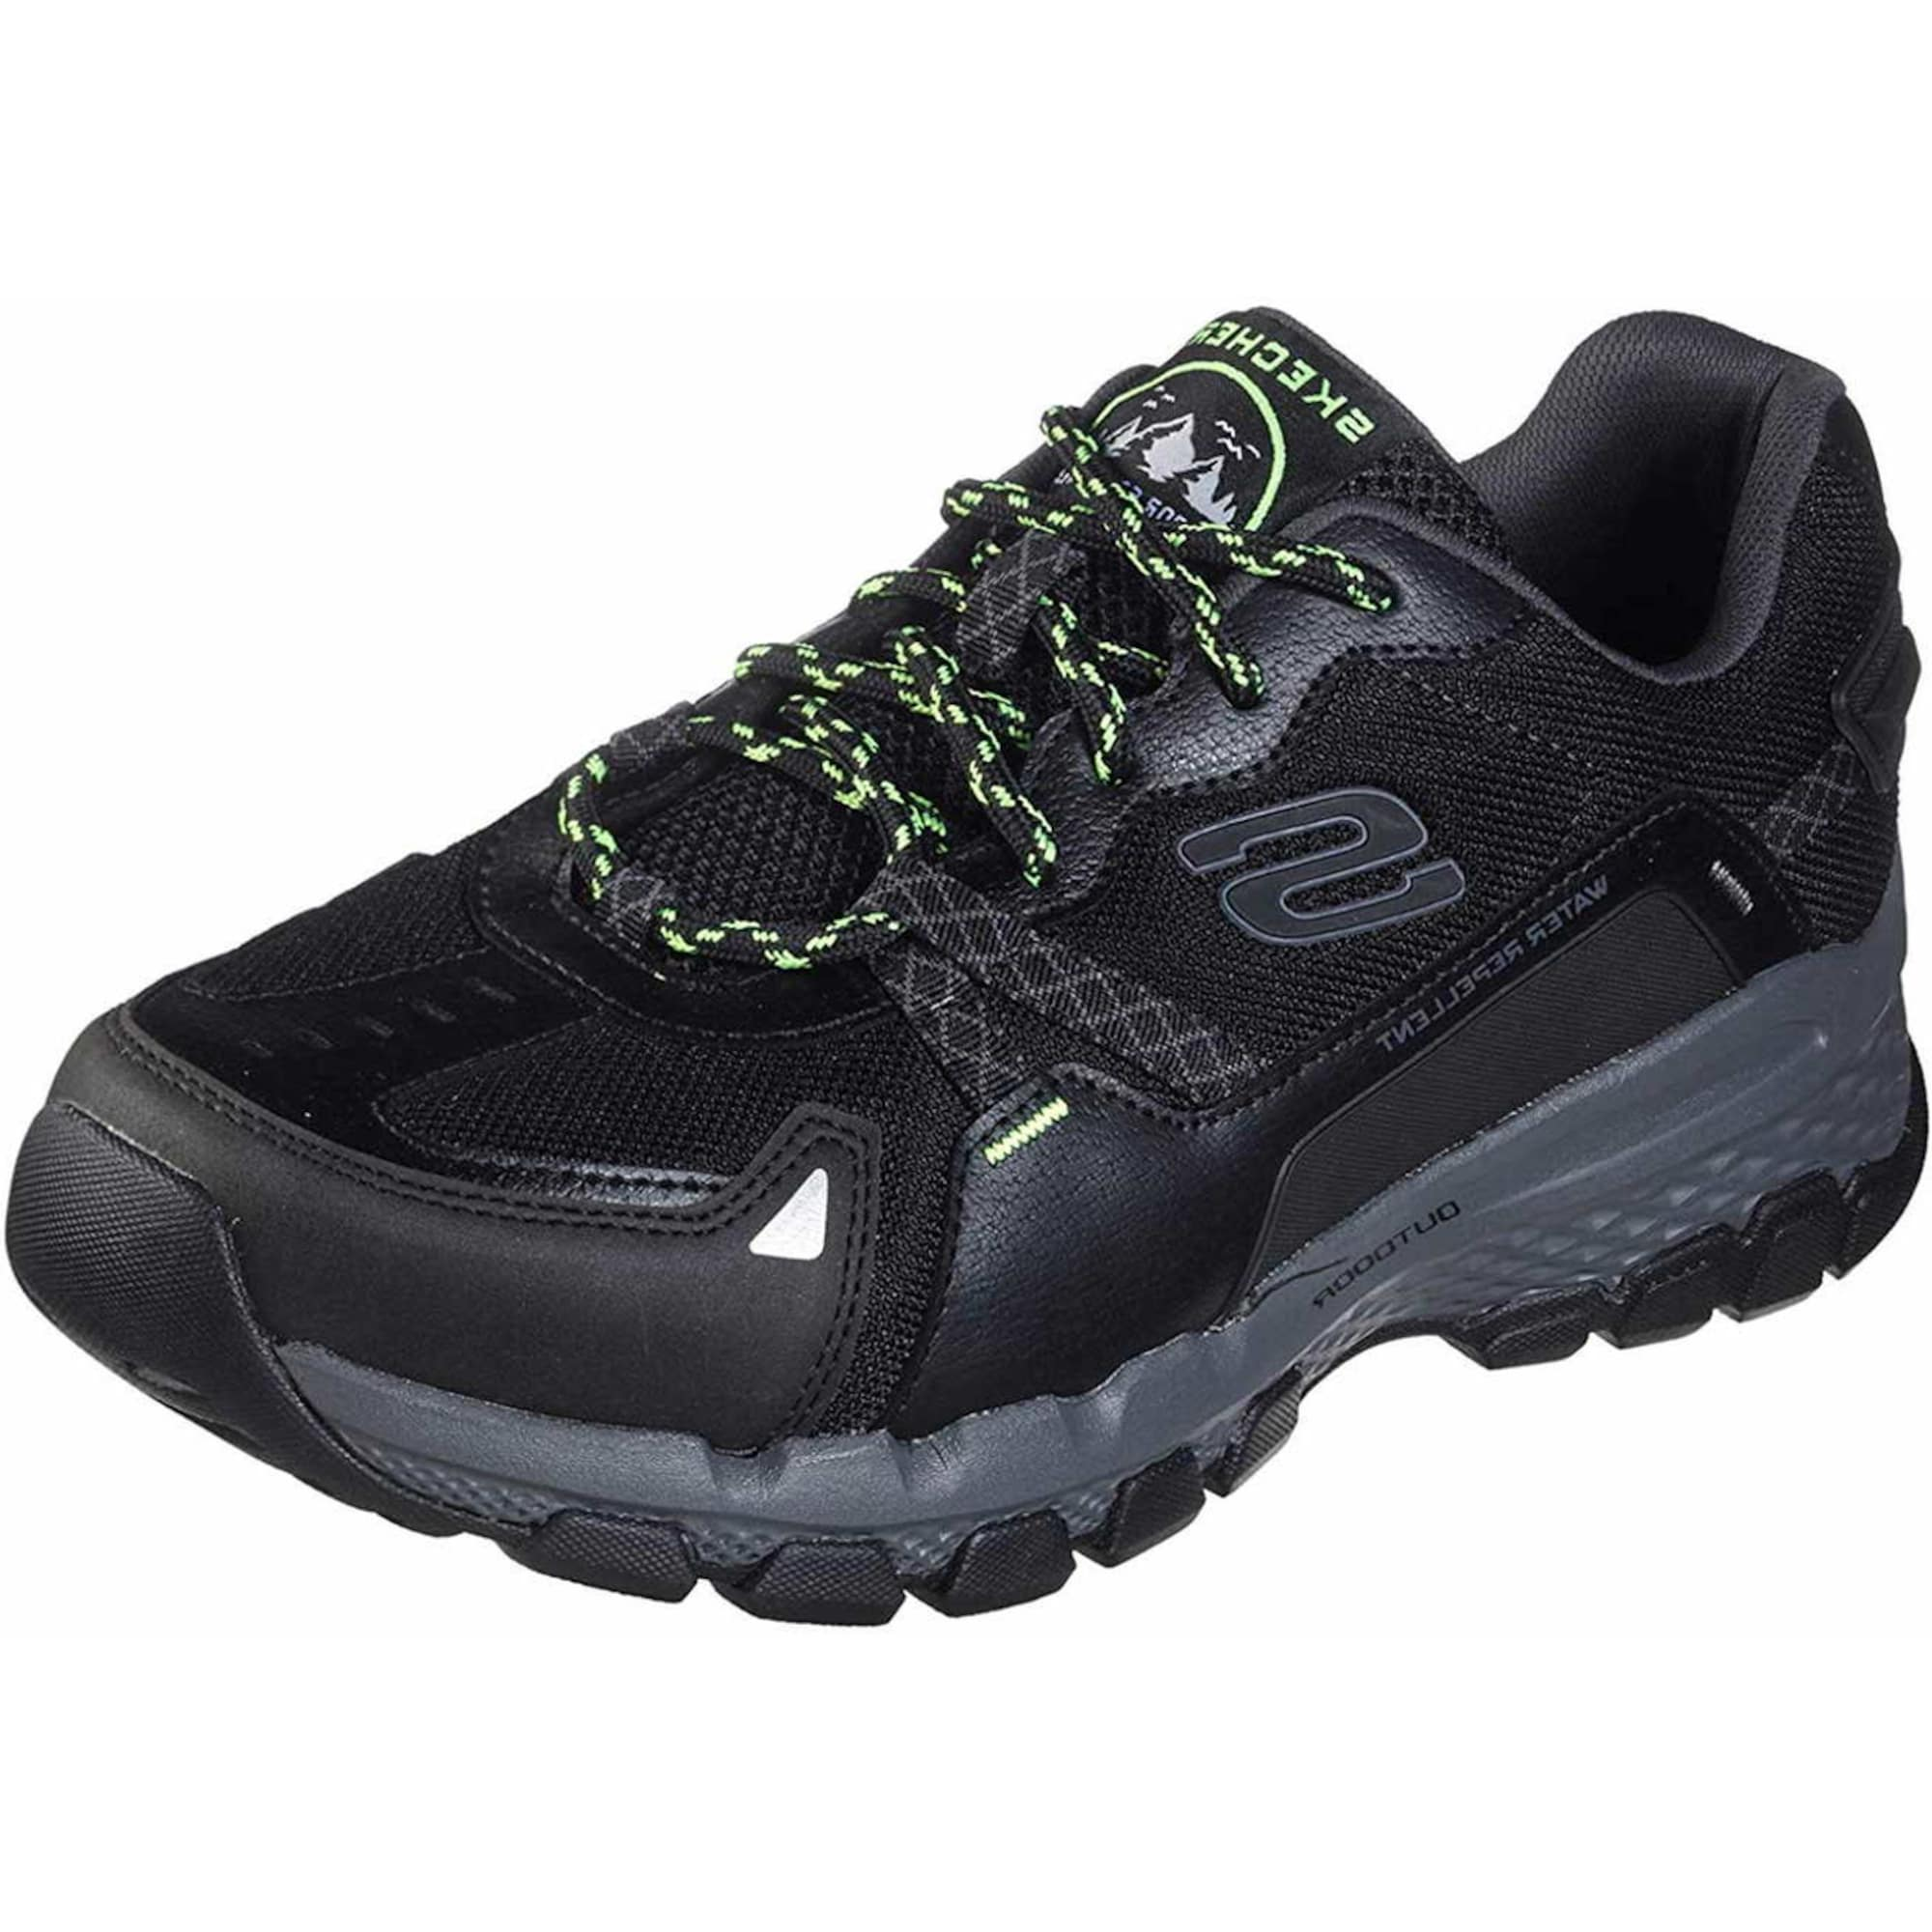 Skechers Performance Sportinio stiliaus batai su raišteliais 'OUTLAND 2.0 WYNNTER' juoda